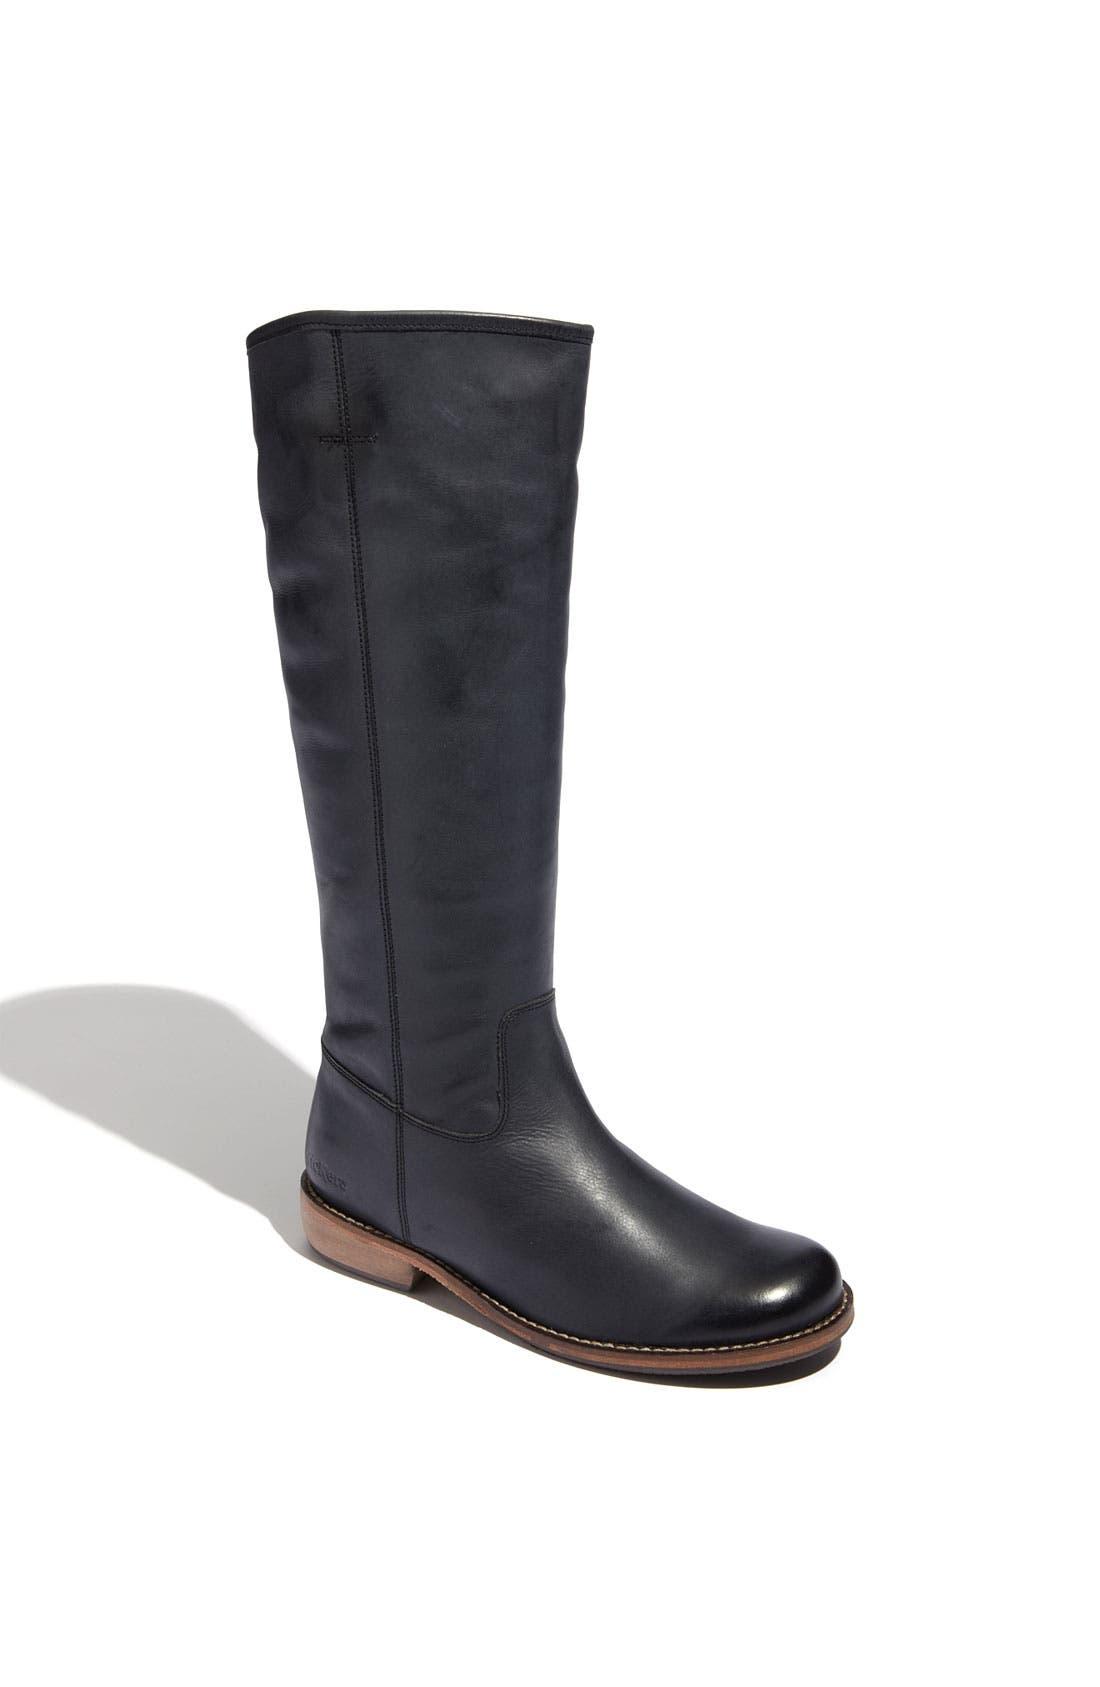 Main Image - Kickers 'Road' Boot